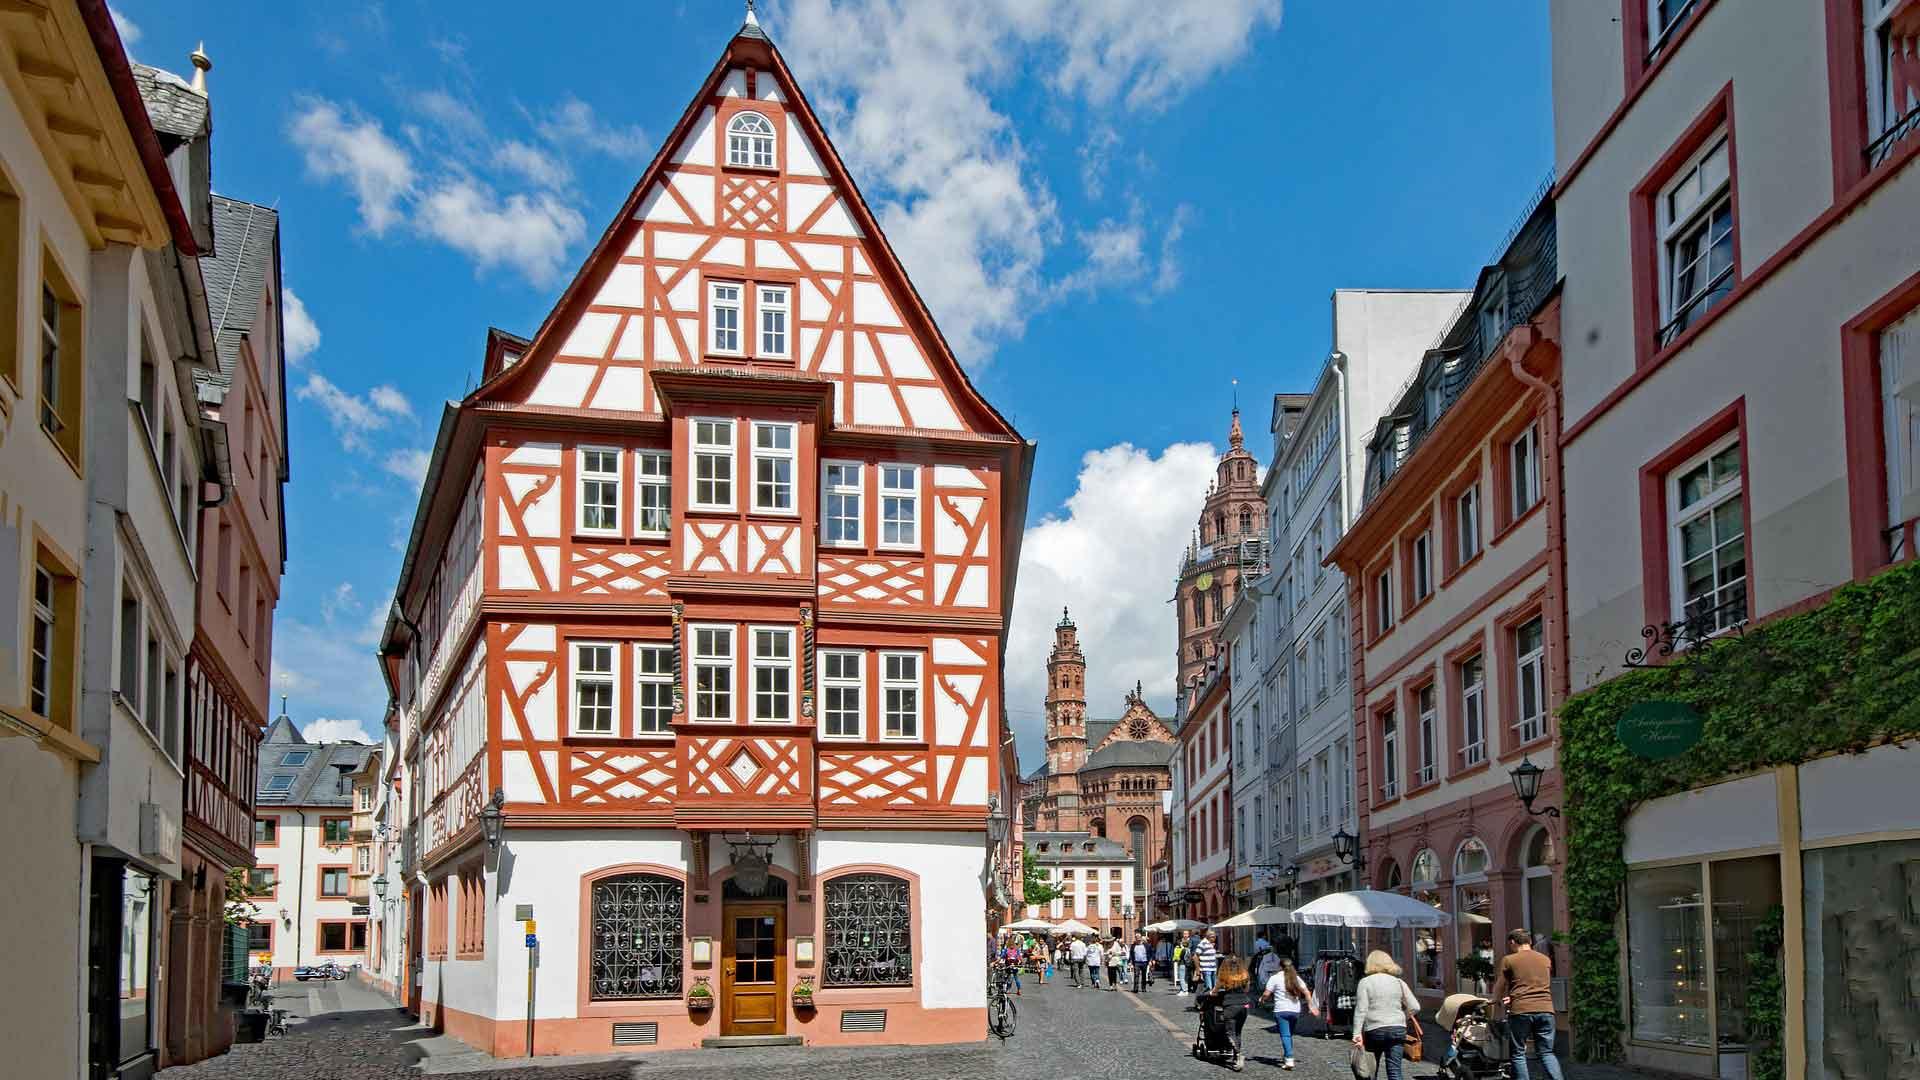 Prachtig vakwerk in Mainz.